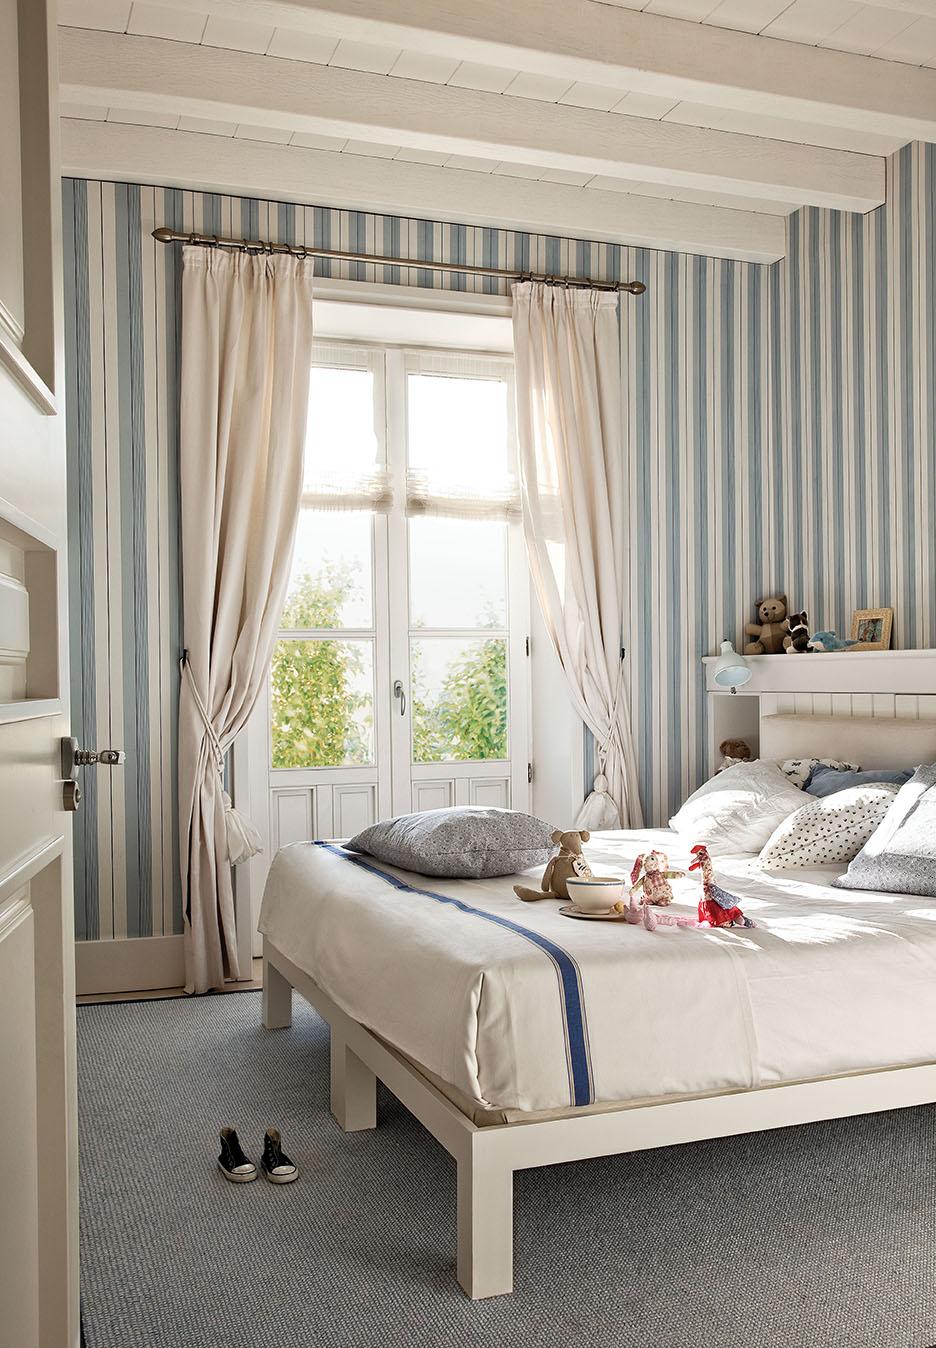 Una preciosa villa vasca recuperada y vestida de blanco y gris - Cabecero cama pintado ...